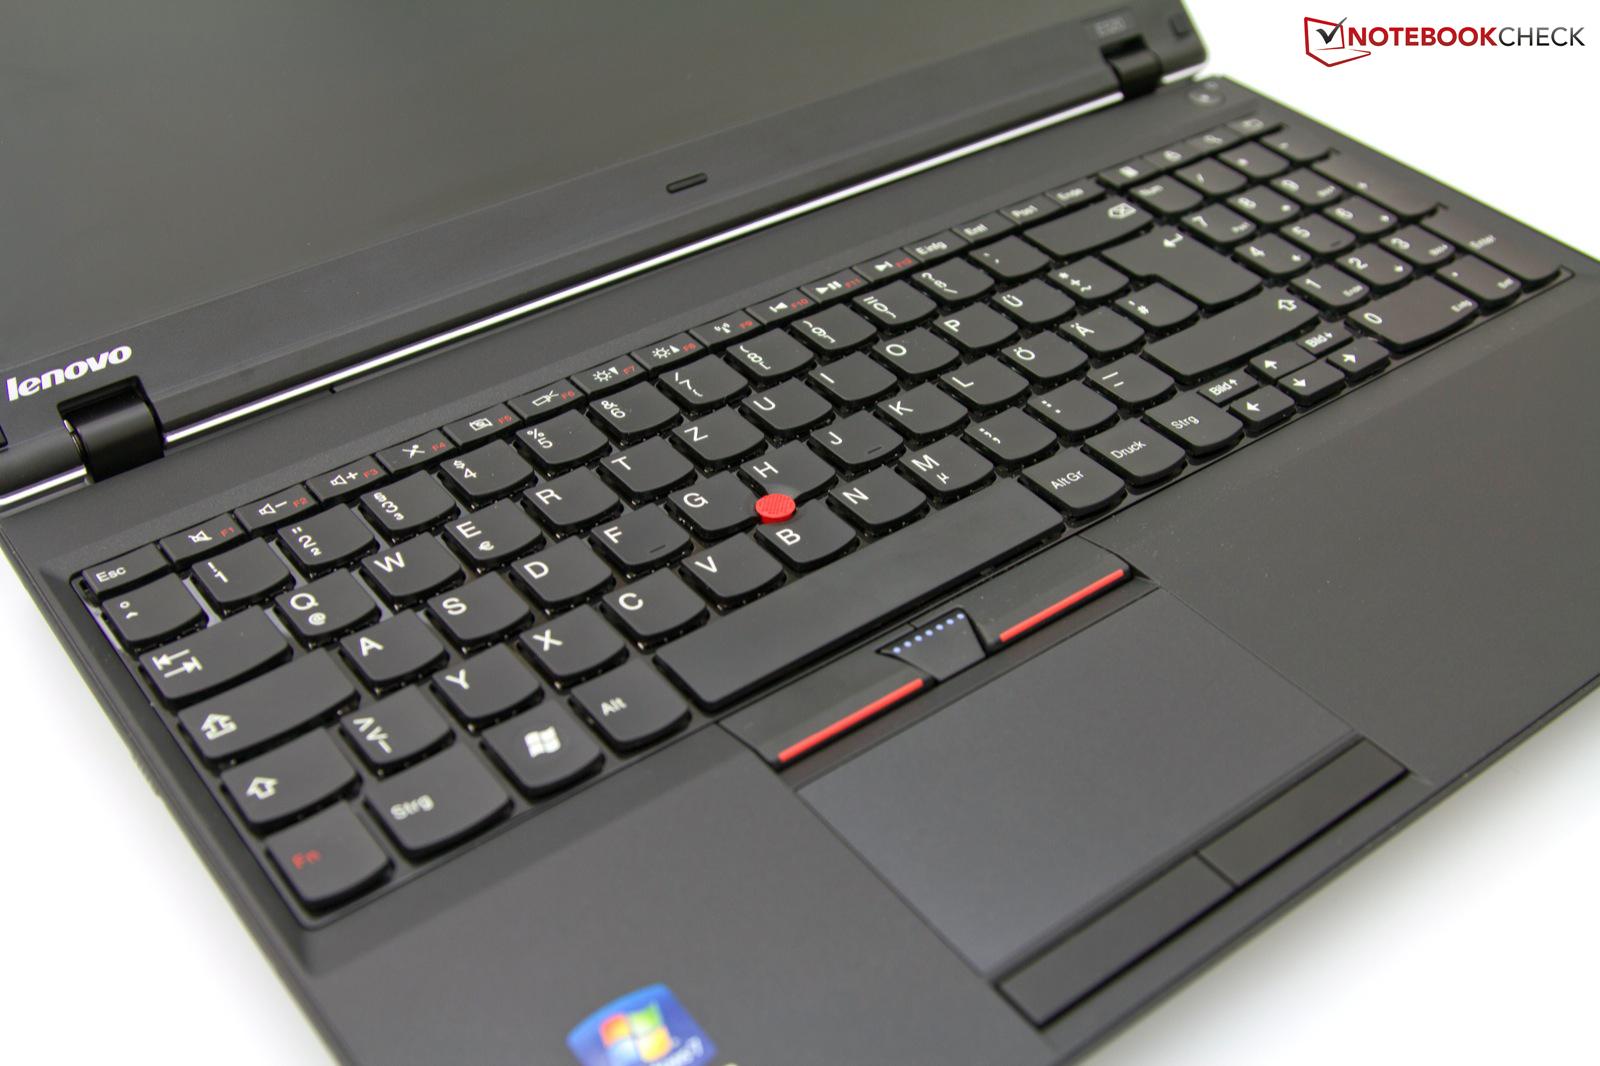 Download Driver: Lenovo ThinkPad Edge E520 Synaptics UltraNav